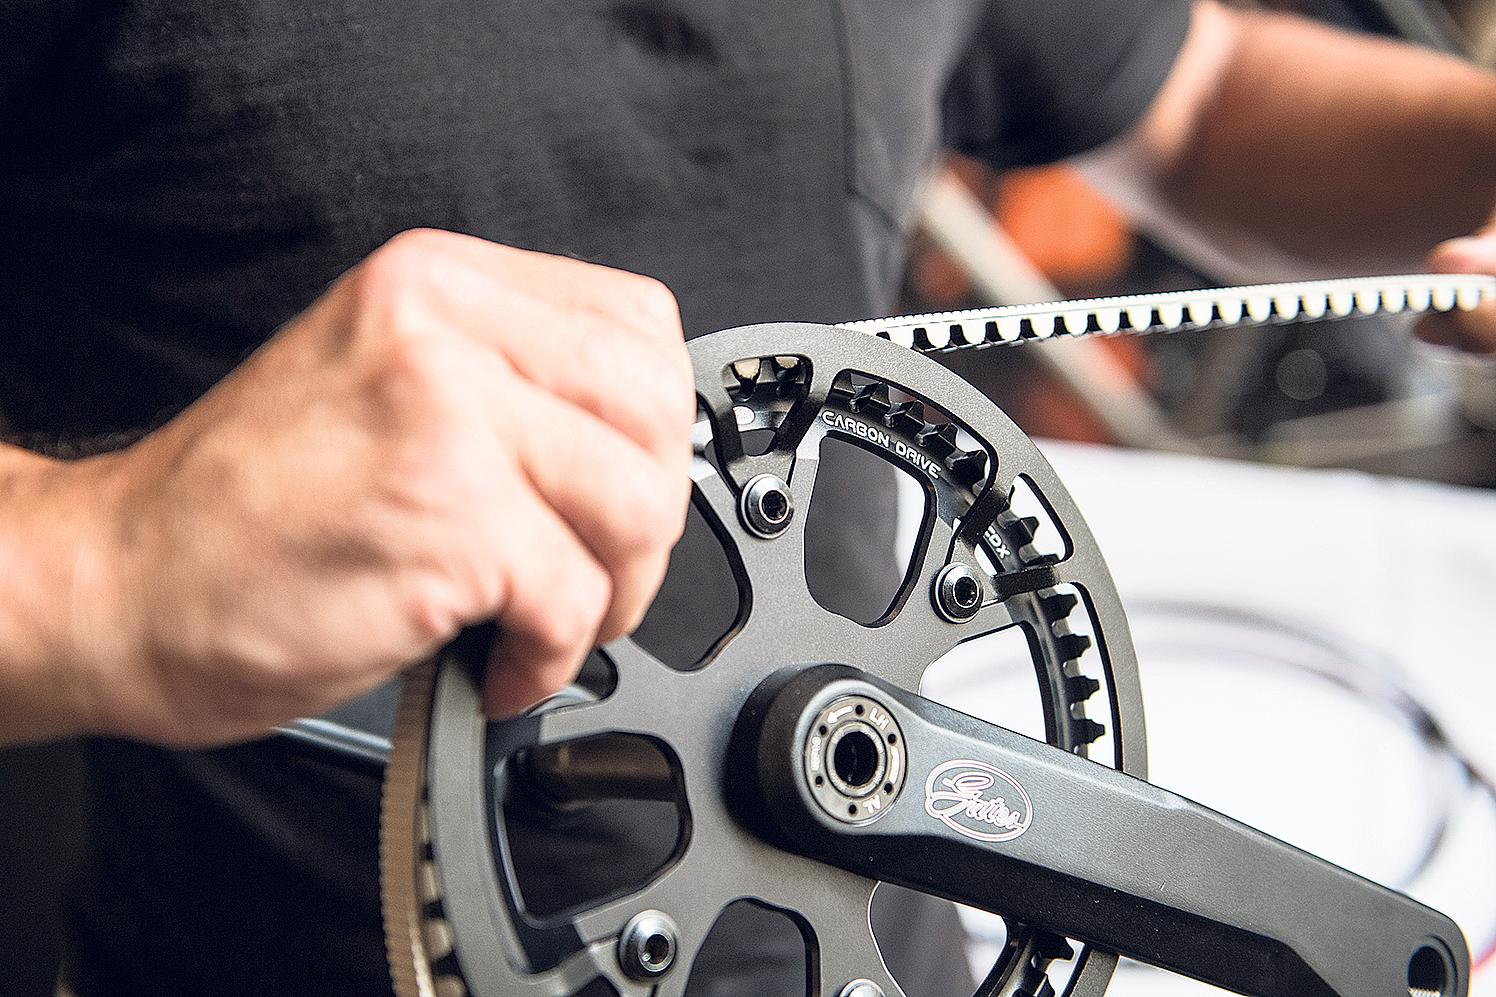 Robuster Riemen: Hersteller wie Gates setzen beim Antrieb auf wartungsarme Riemen statt auf eine herkömmliche Kette.